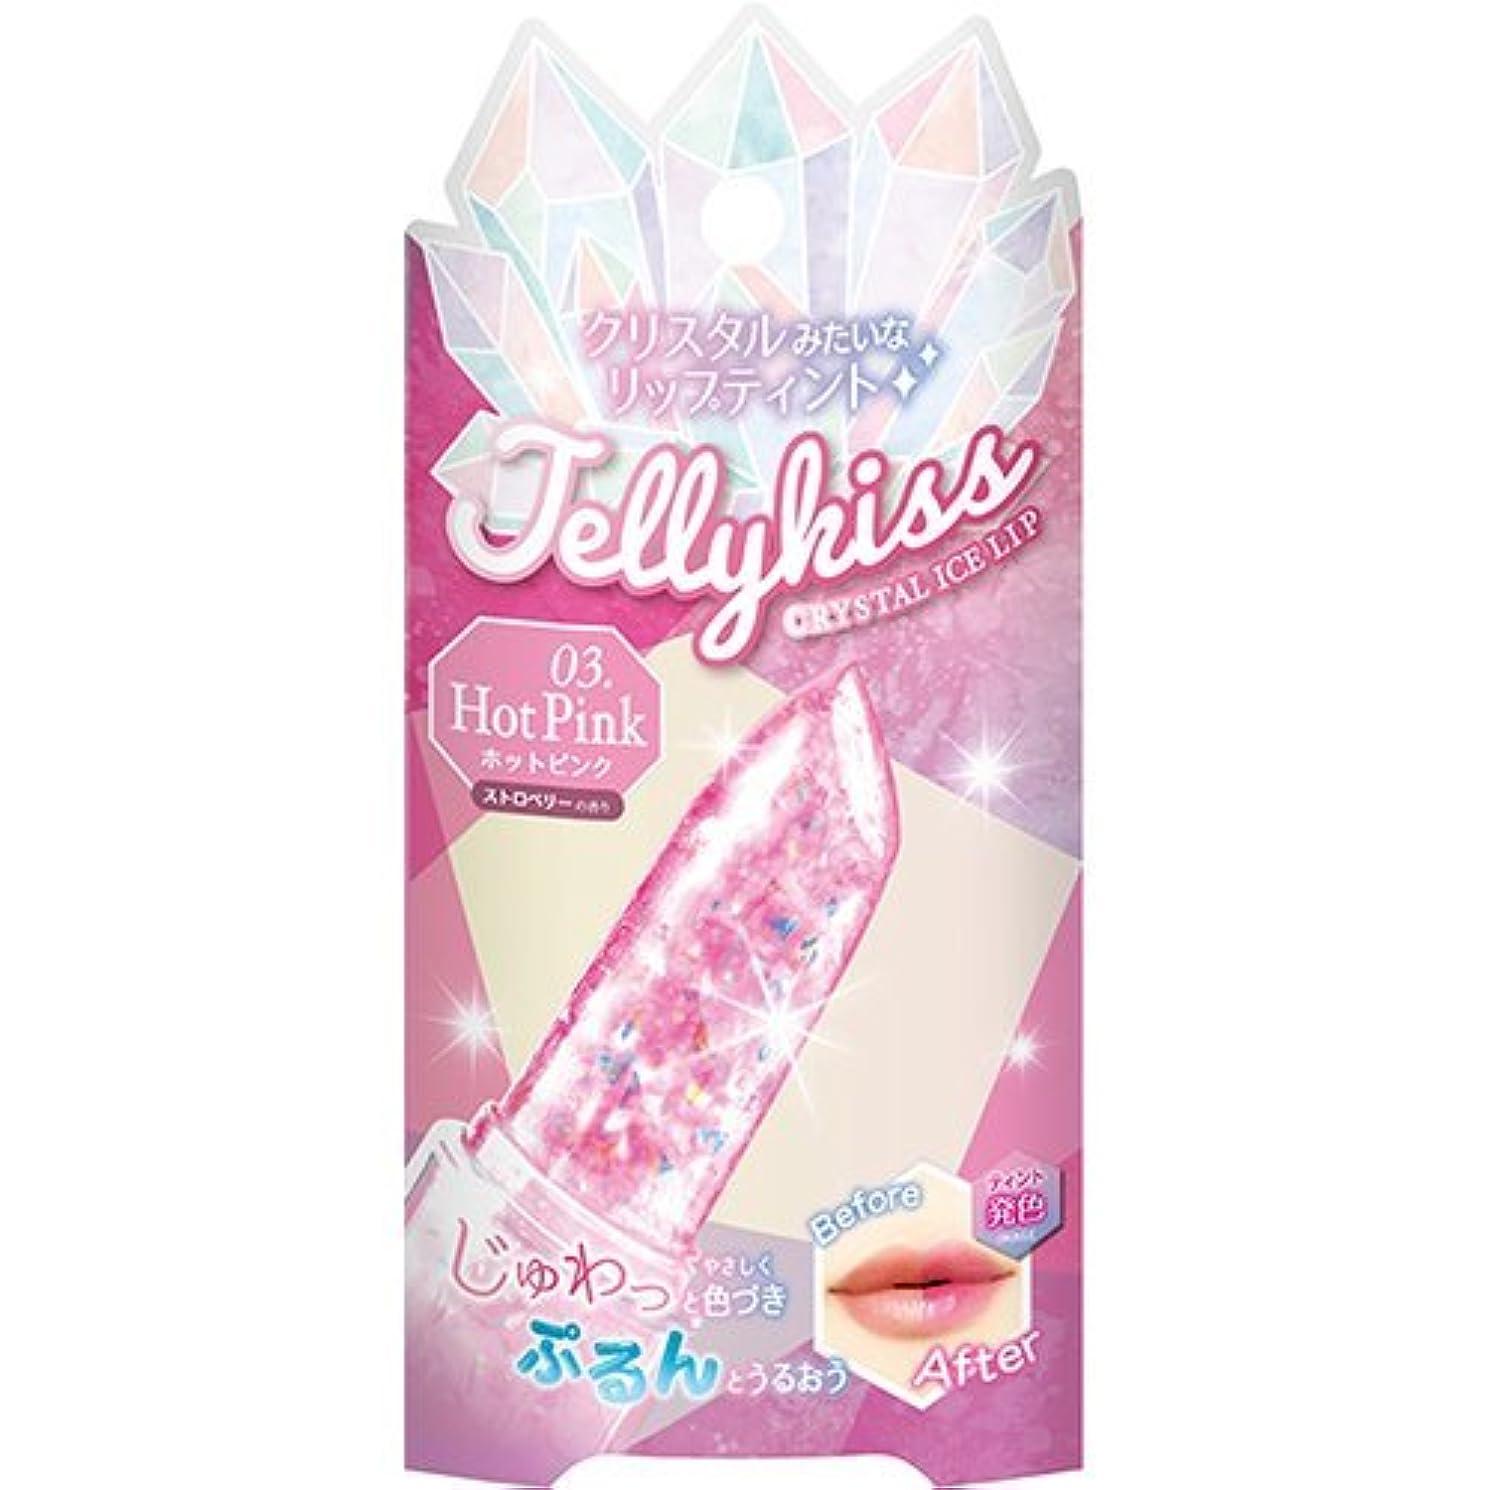 安らぎほかに一回☆2本セット☆Jellykiss☆CRYSTAL ICE LIP☆ジェリキスクリスタルアイスリップ (03ホットピンク)